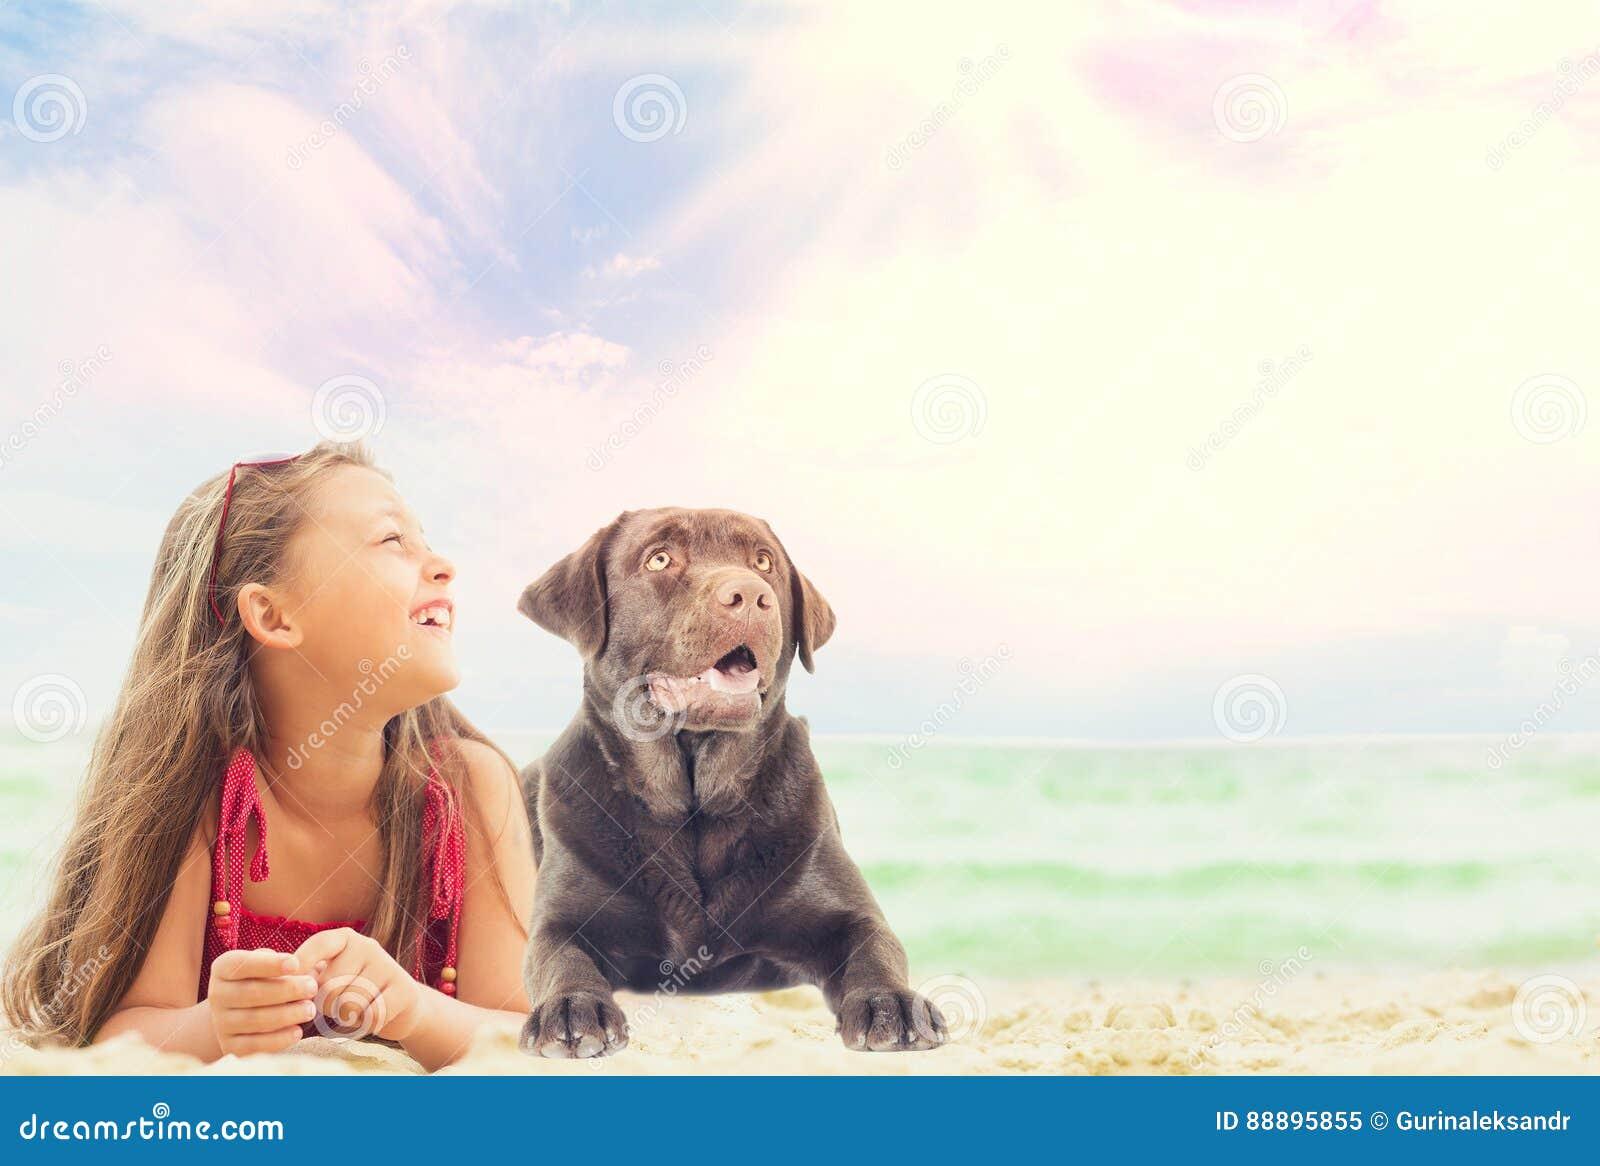 女婴和拉布拉多狗